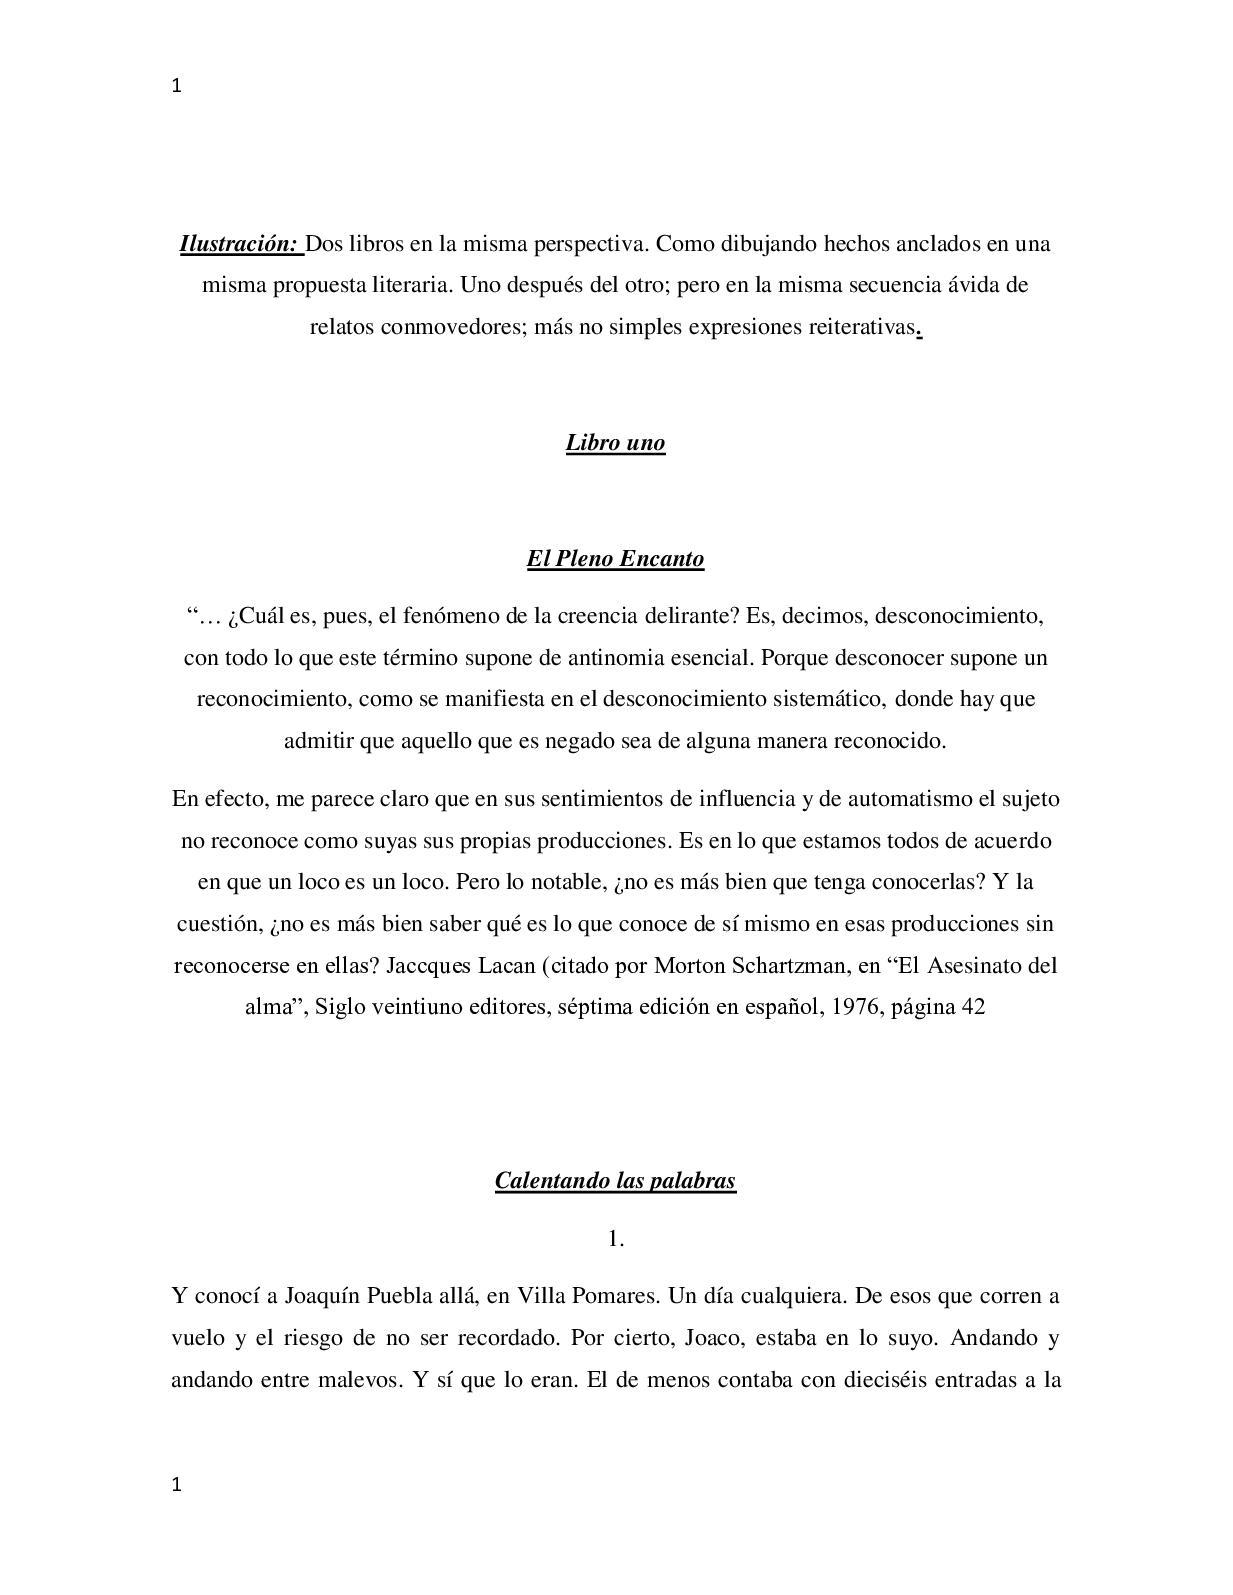 Calaméo - El Pleno Encanto (3) 70475eb85aacb